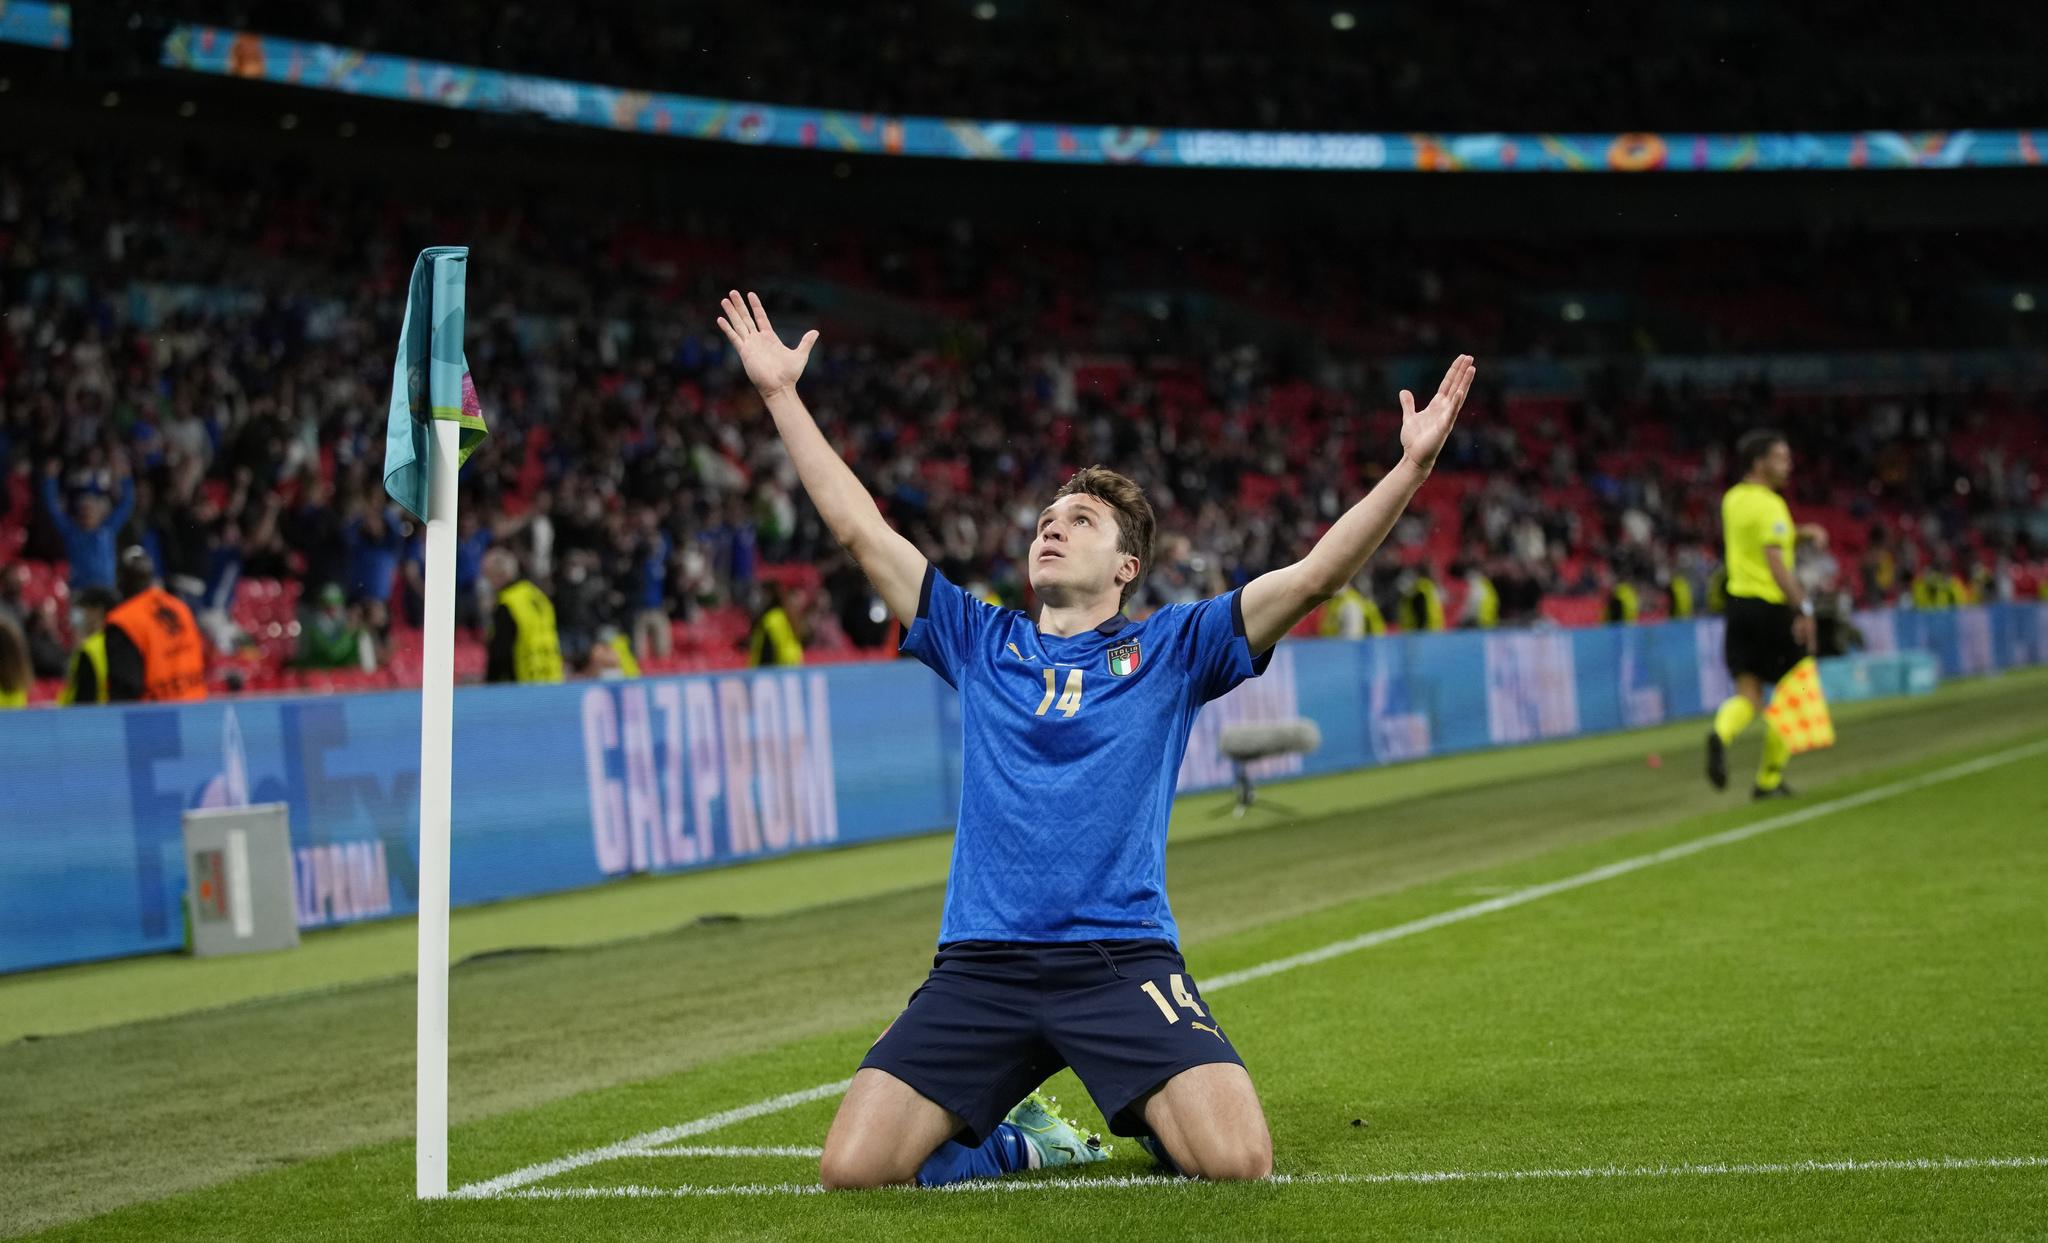 Italia-Austria 2-1 - 26-6-2021 - Chiesa celebra dopo aver segnato il gol dell'1-0